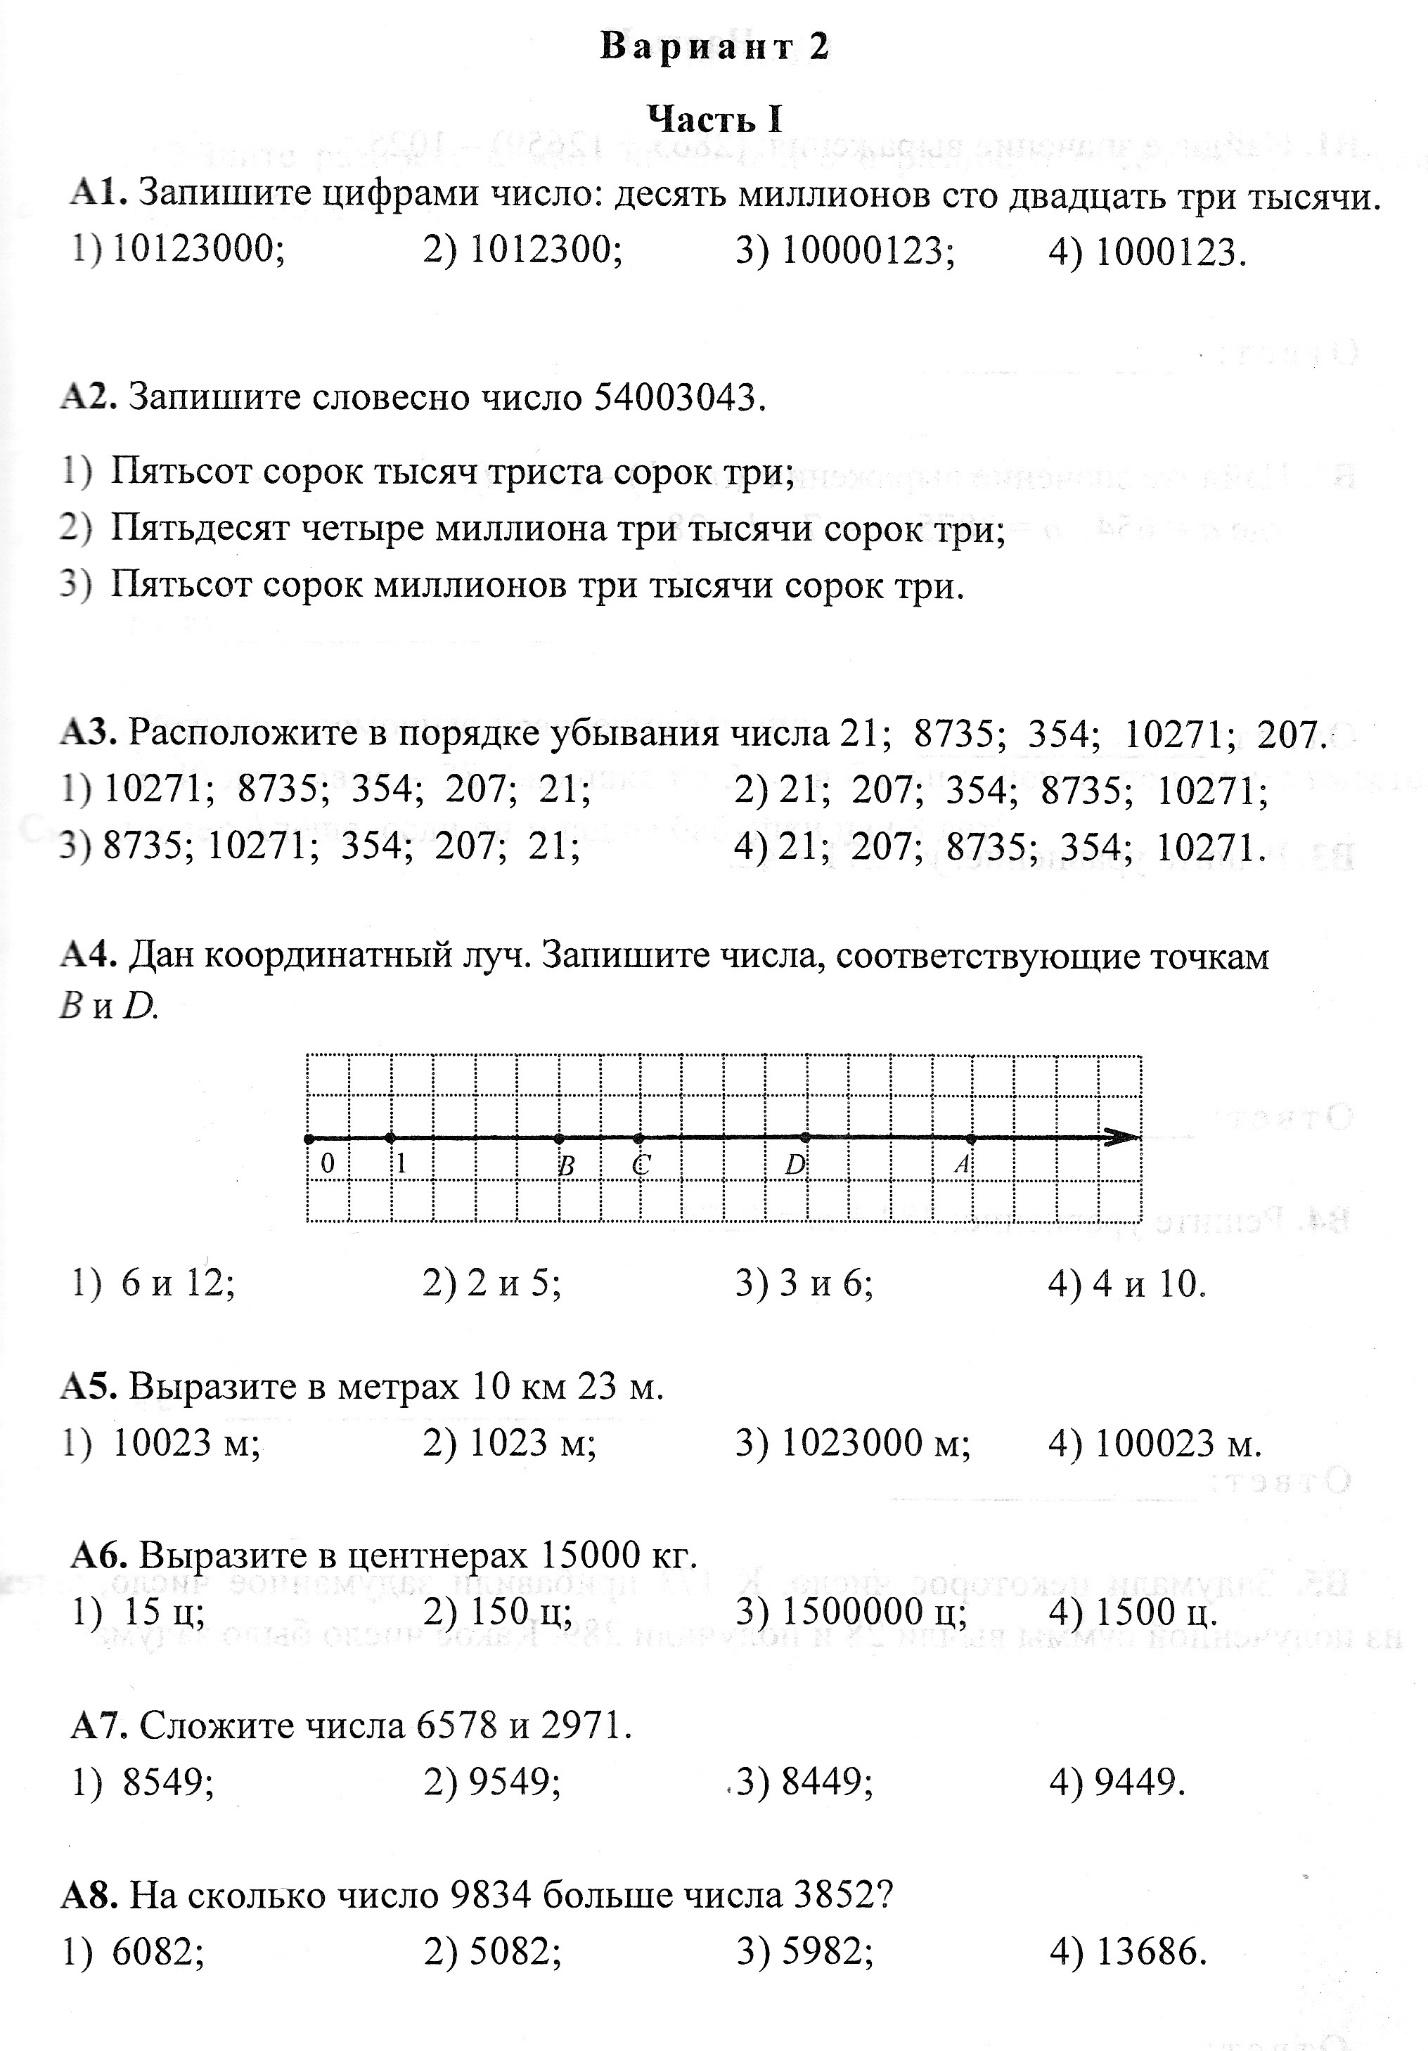 H:\рабочая программа 2015-2016\математика 5 кл\рабочая программа\диагностики\IMG_0008.jpg